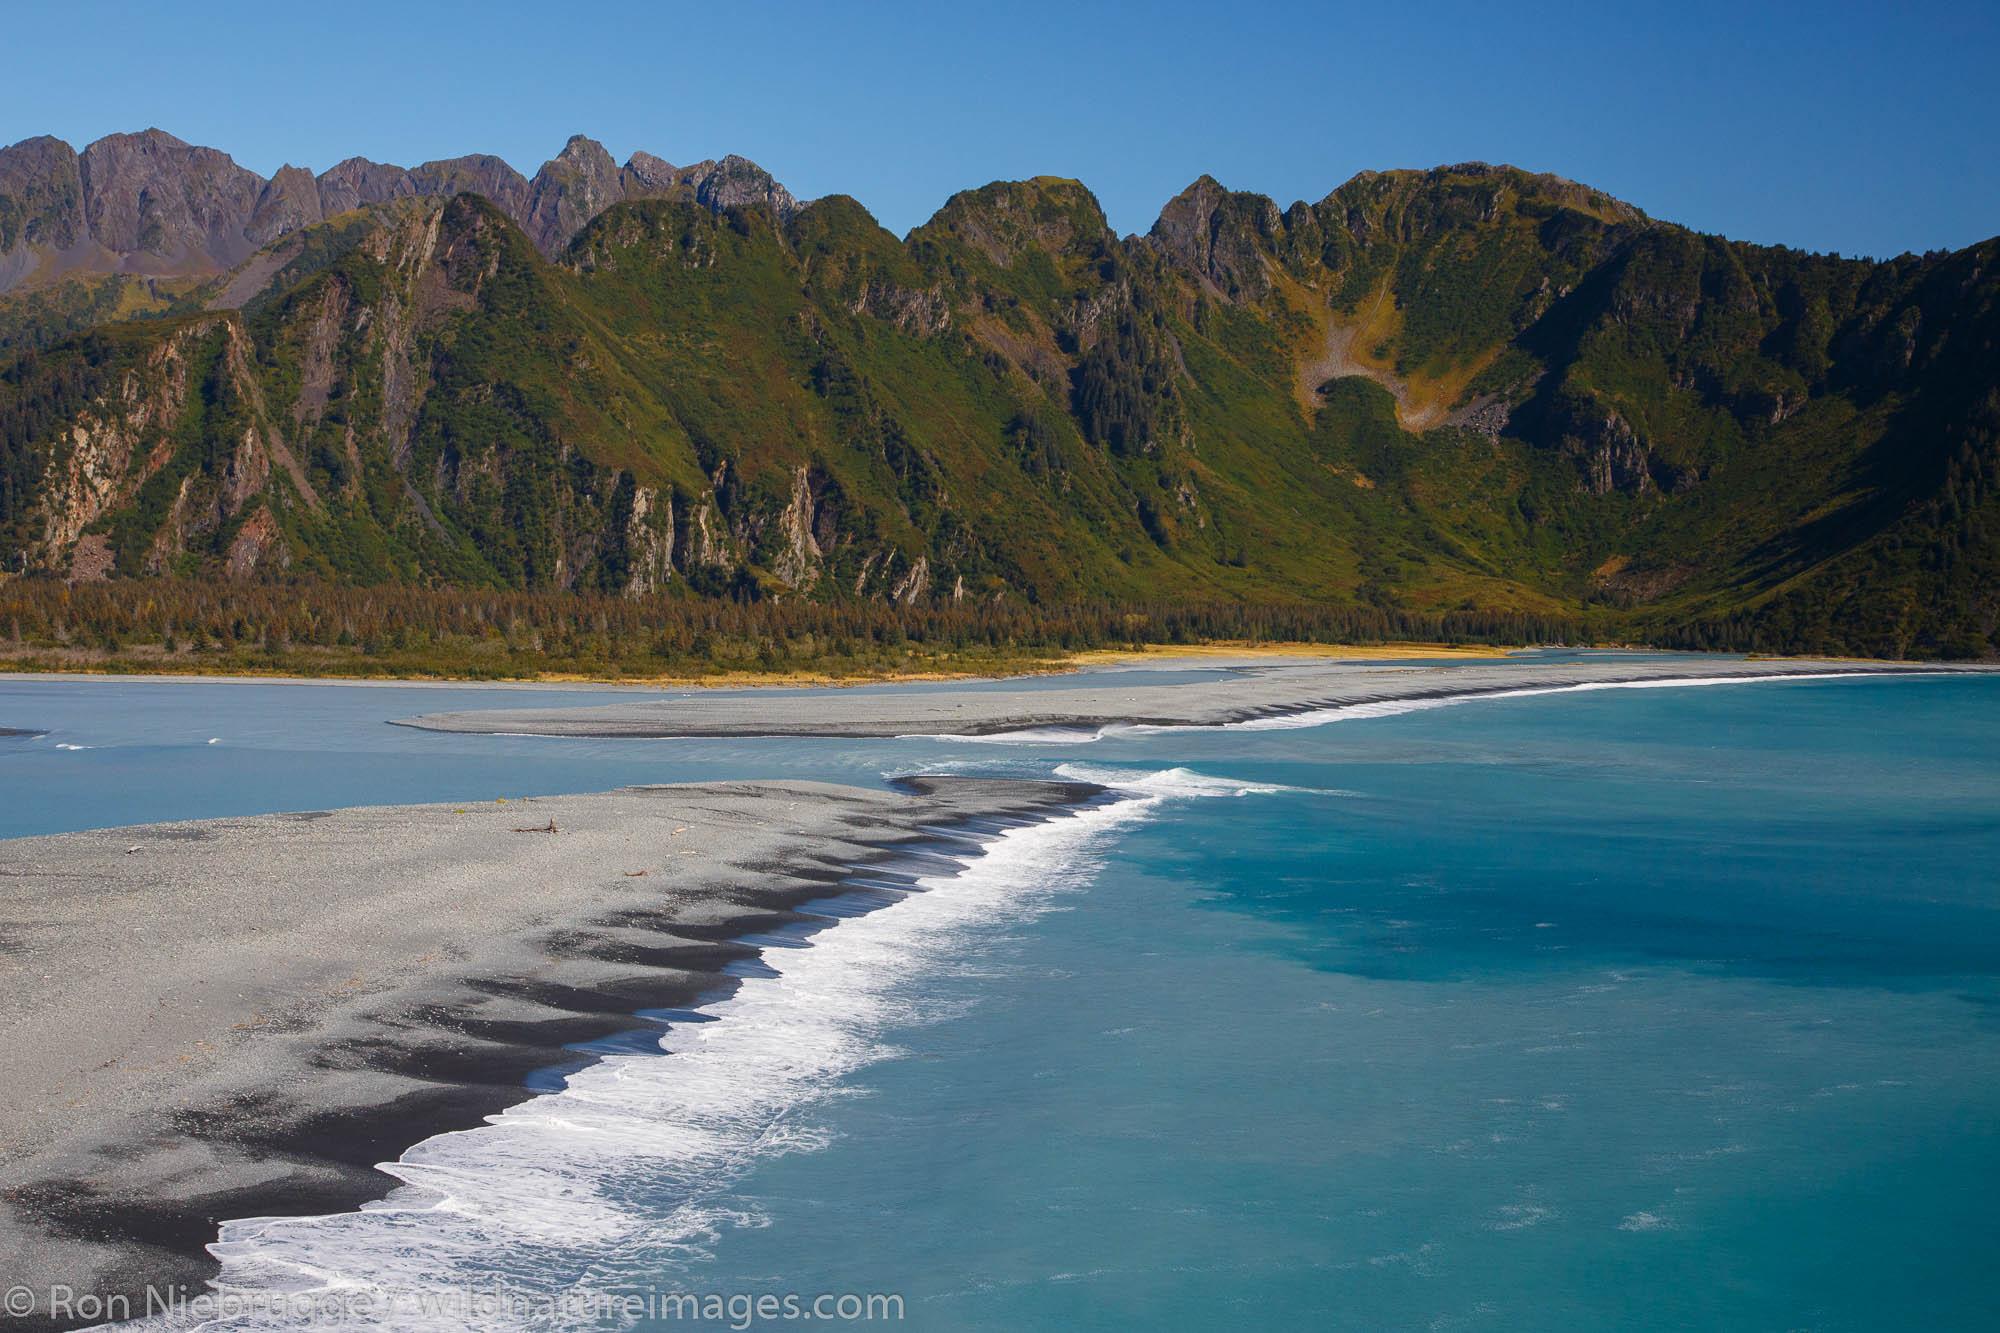 Resurrection Bay, Seward, Alaska., Kenai Fjords National Park, near Seward, Alaska.